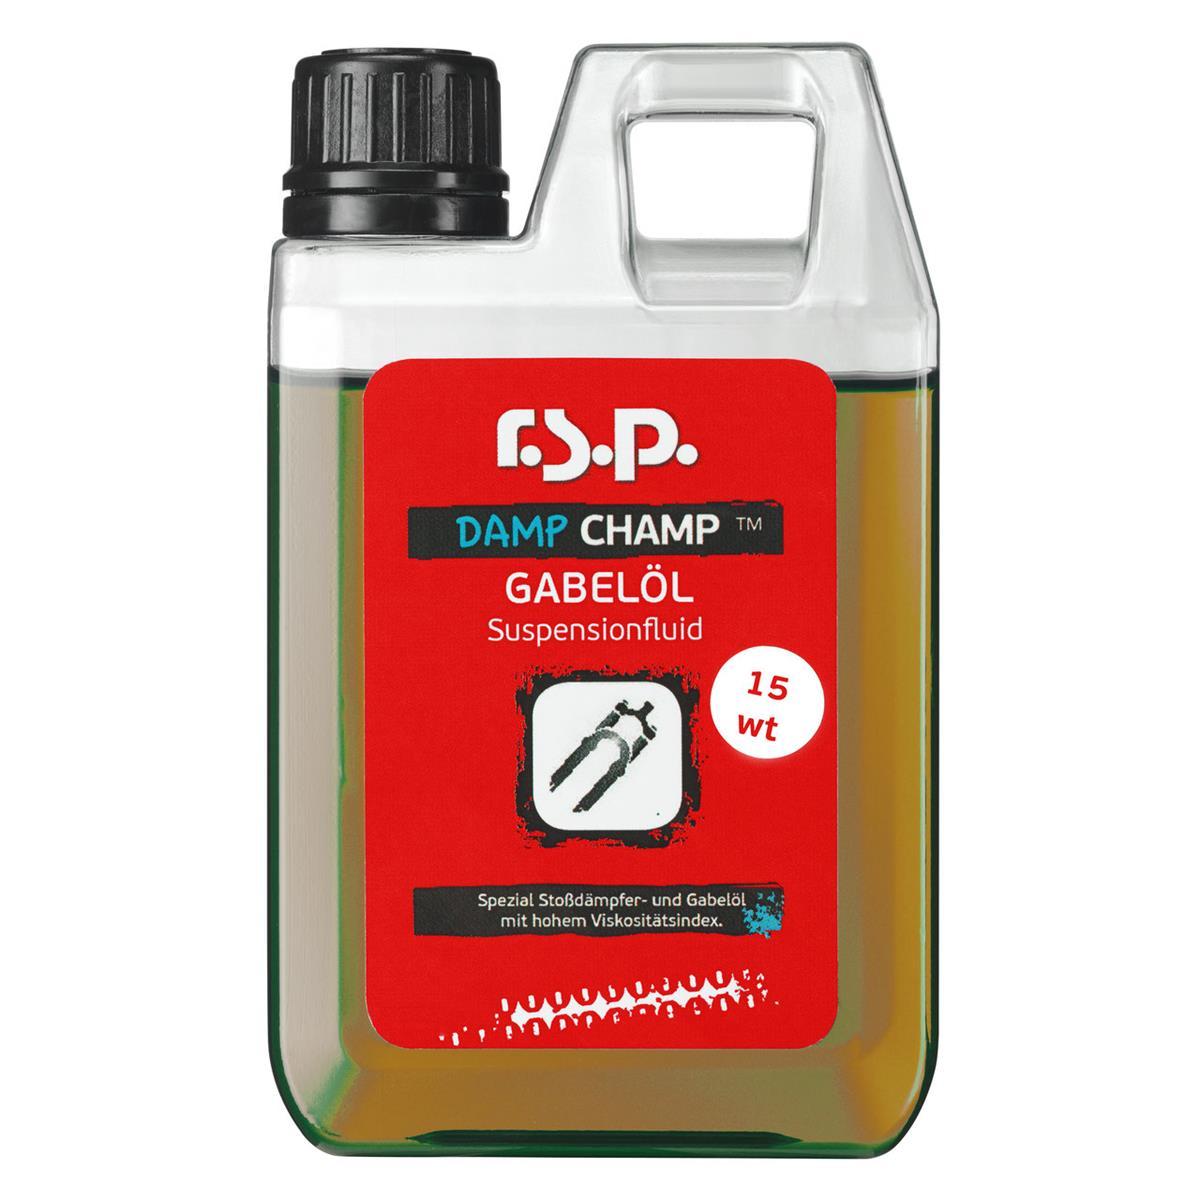 r.s.p. Gabel- und Dämpferfluid Damp Champ 15 WT, 250 ml